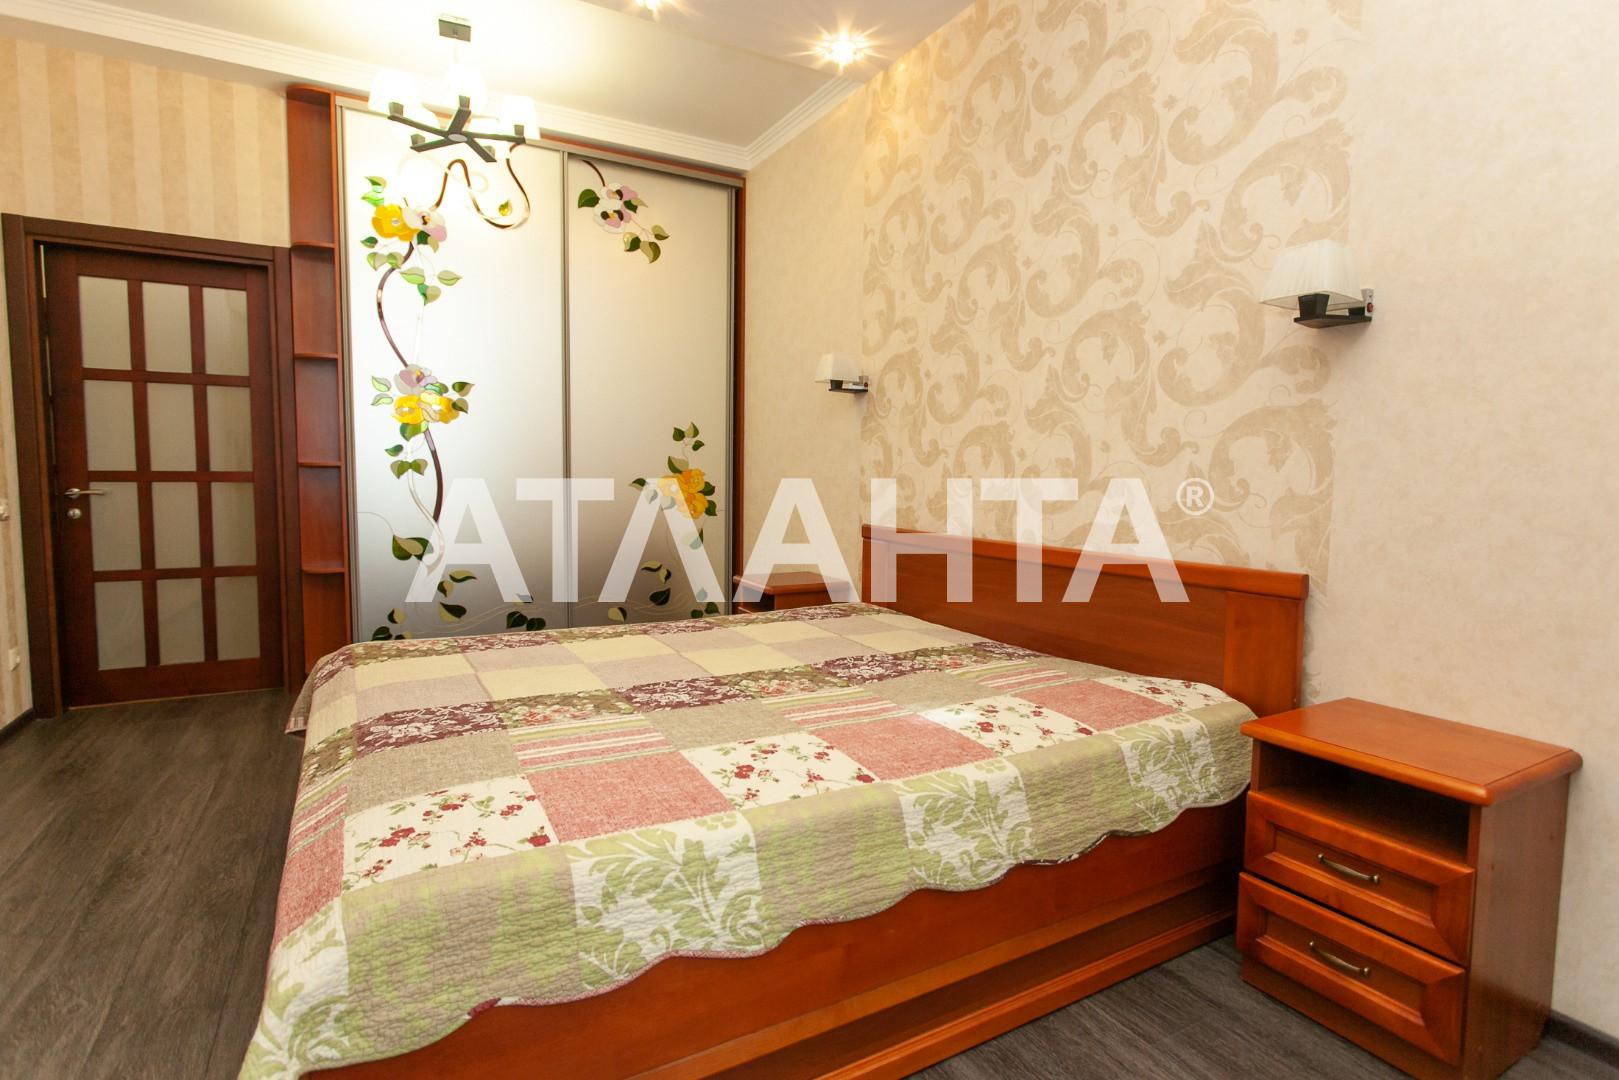 Сдается 3-комнатная Квартира на ул. Базарная (Кирова) — 700 у.е./мес. (фото №3)